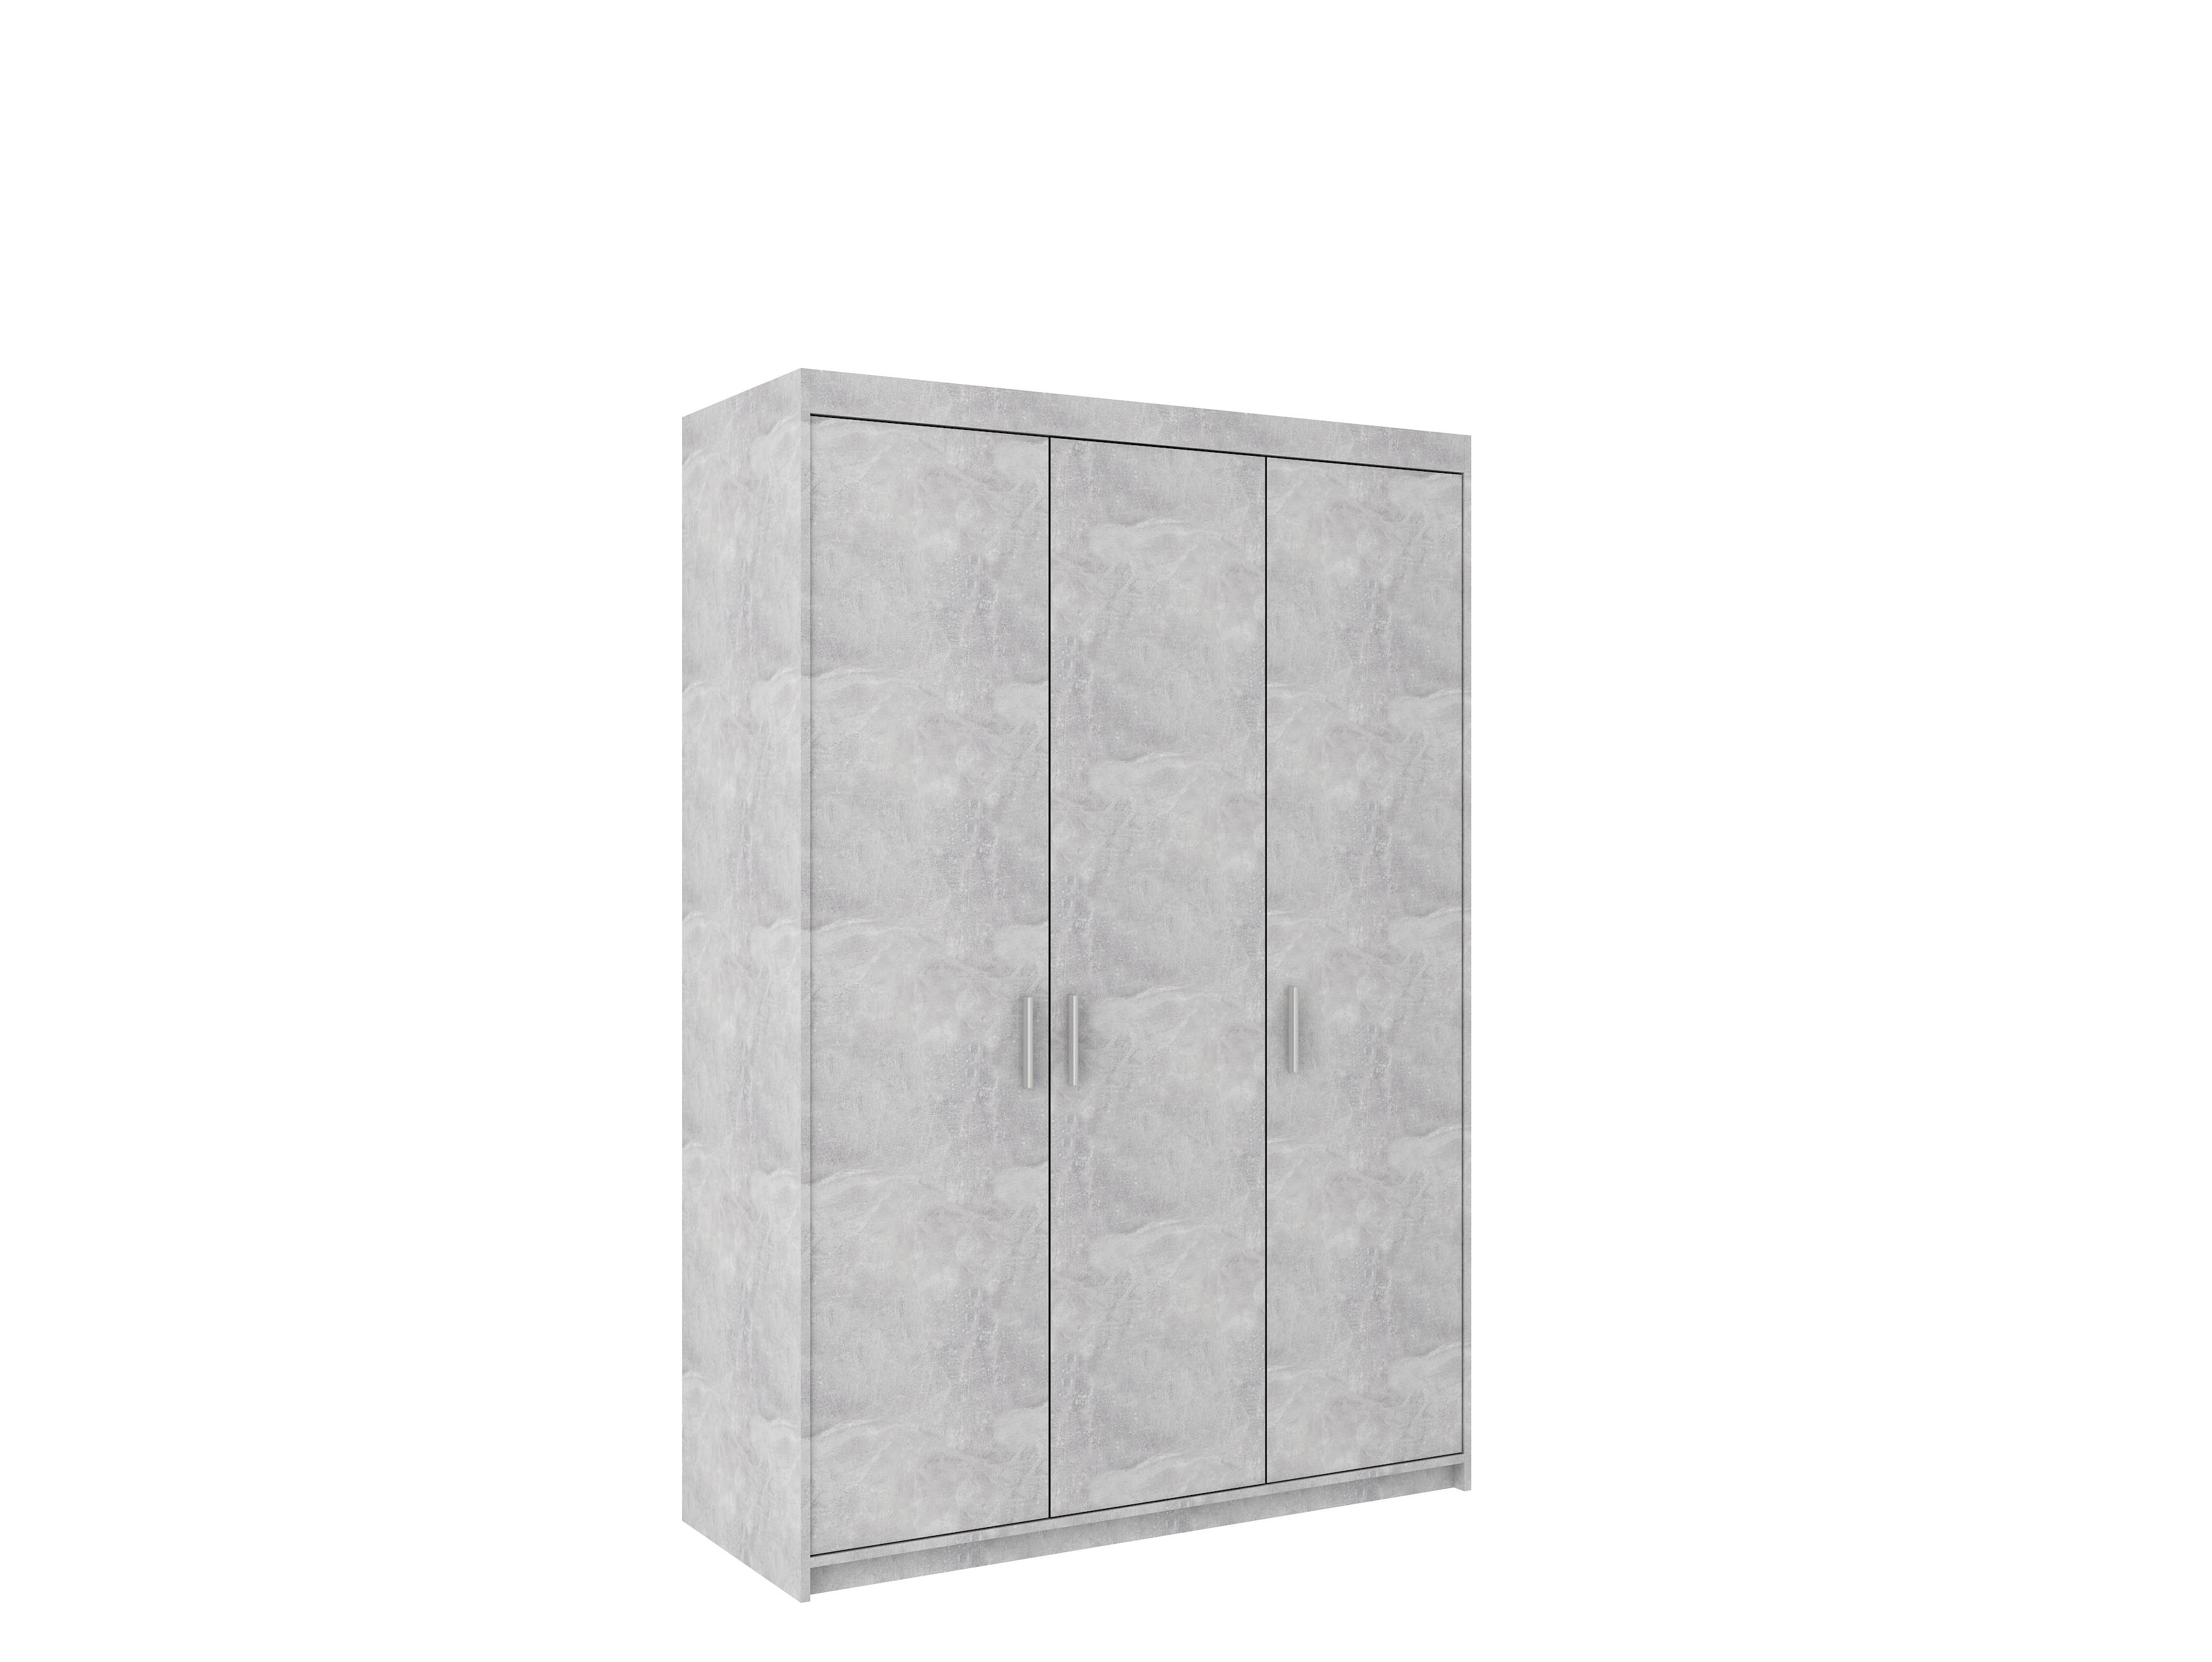 Skříň TEKEN 3D, beton